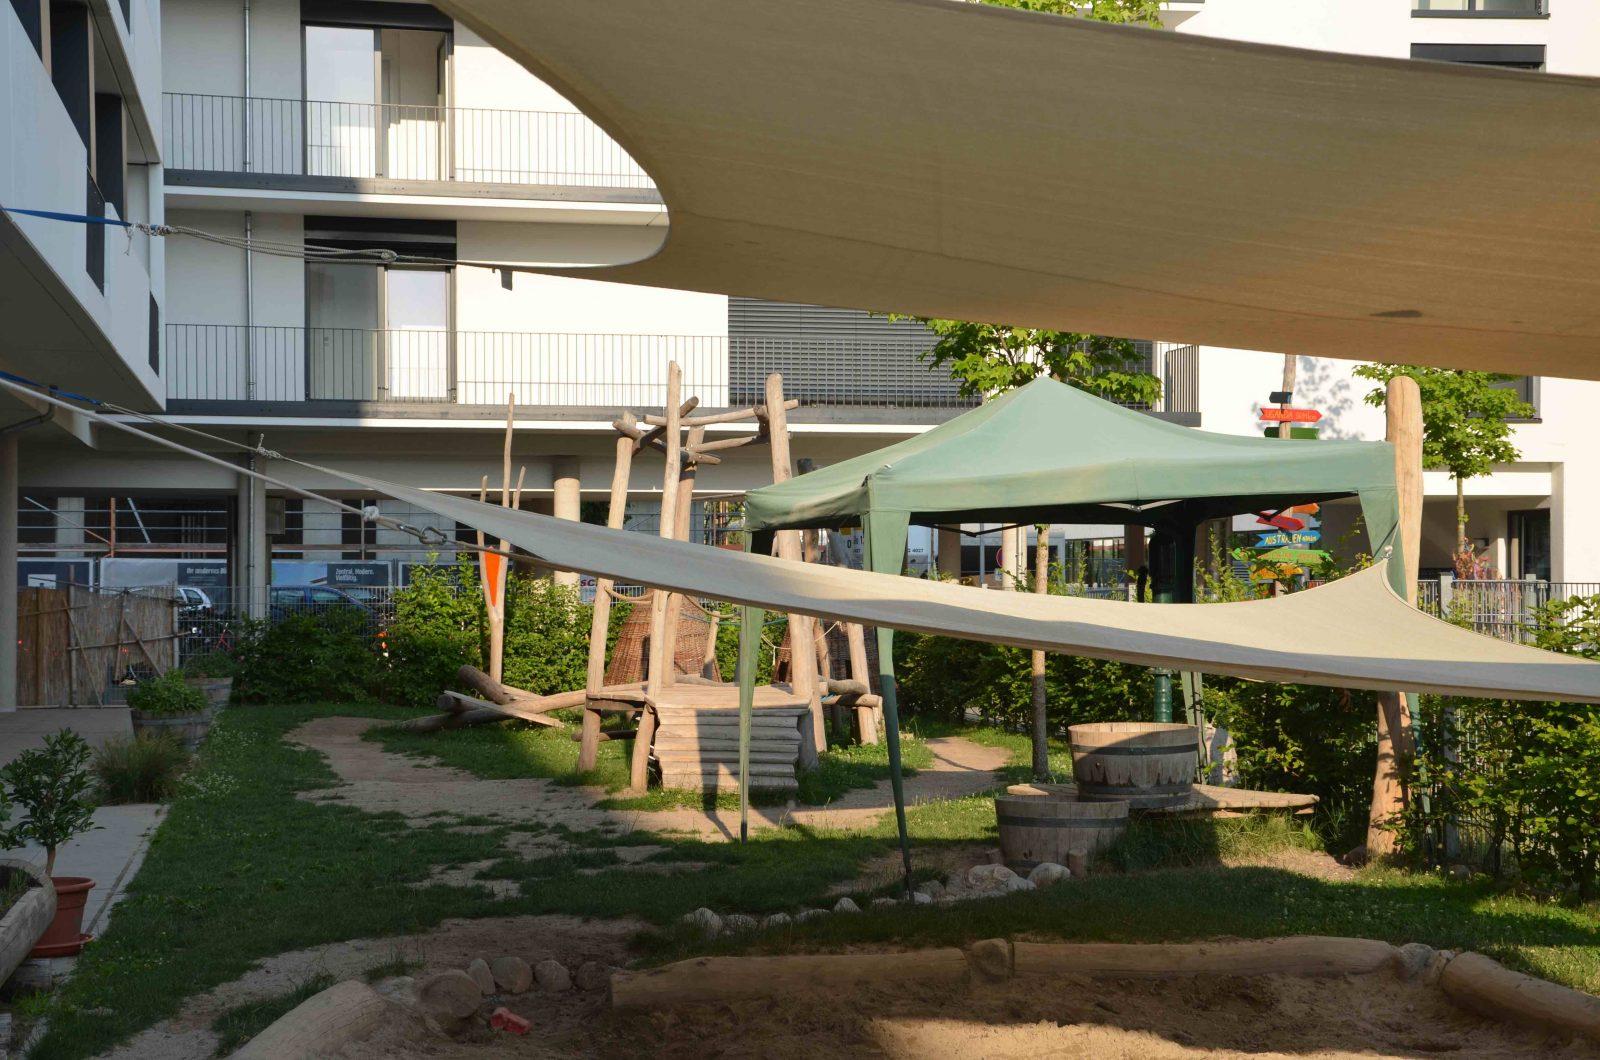 Spielplatz im Innenhof eines Wohnblocks